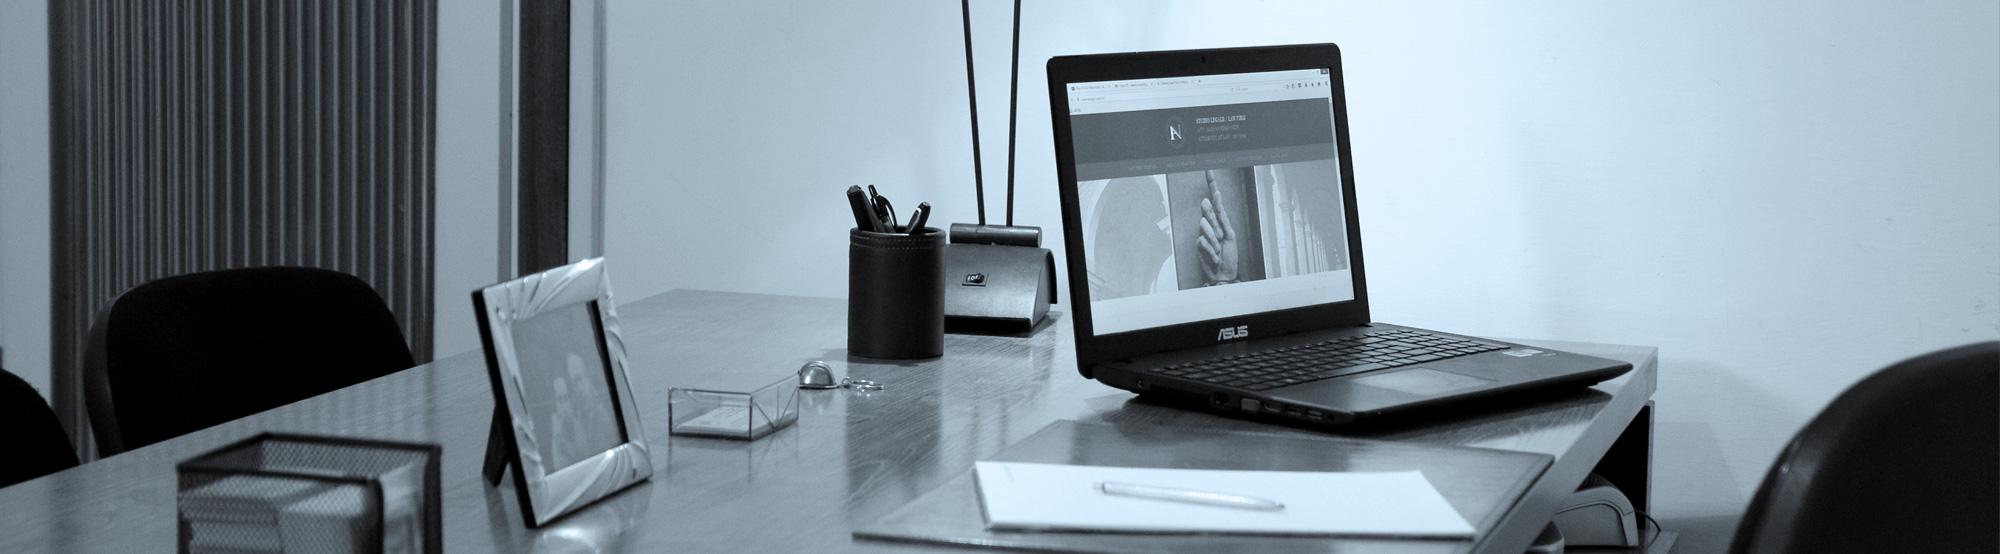 Avv. Alessandro Nepi - Studio Legale - Law Firm